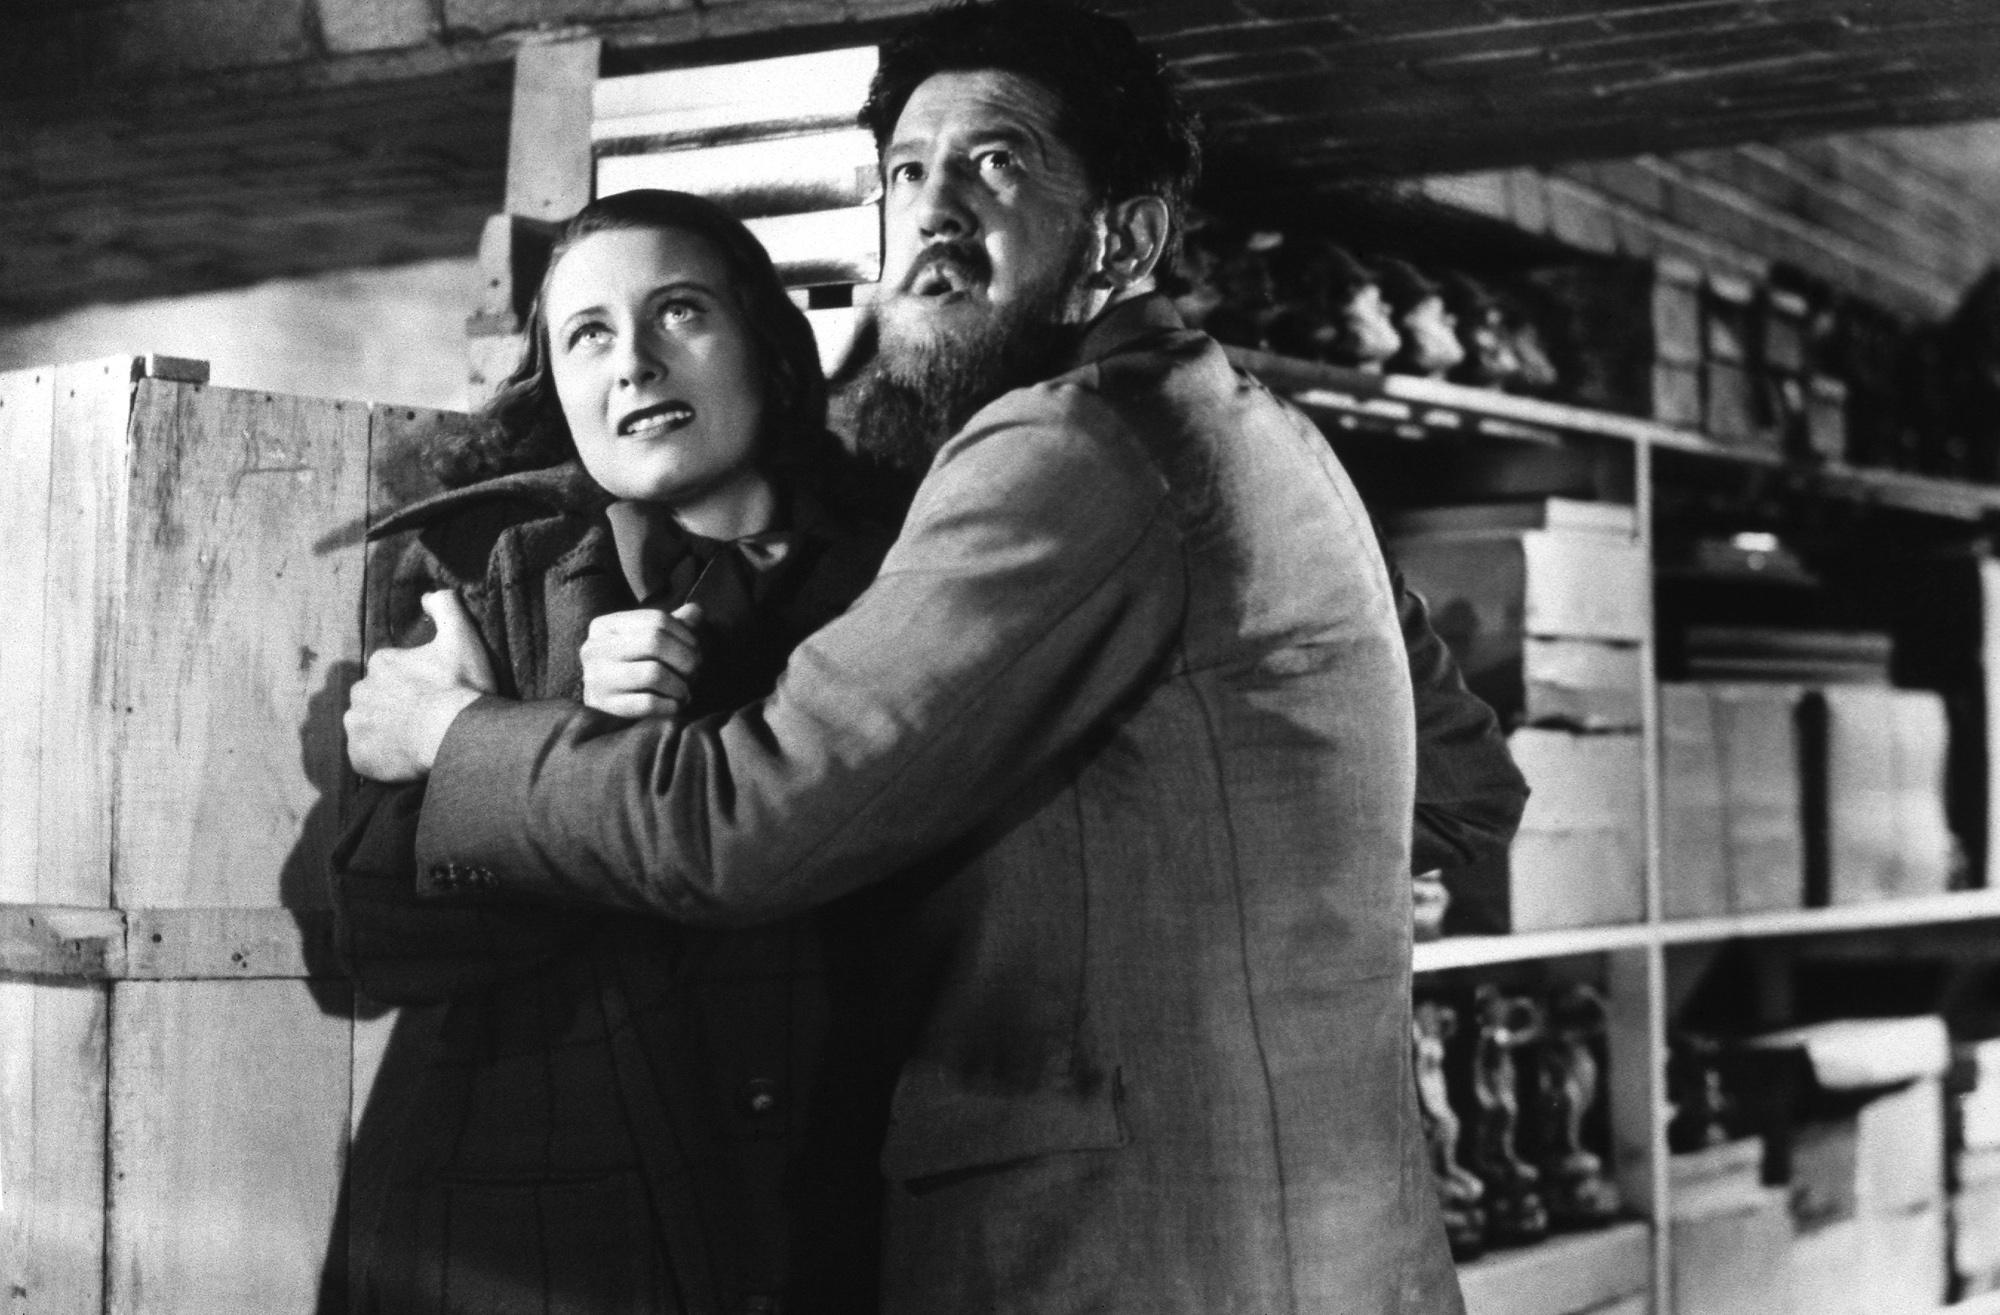 Michèle Morgan in Le Quai des brumes With Michel Simon